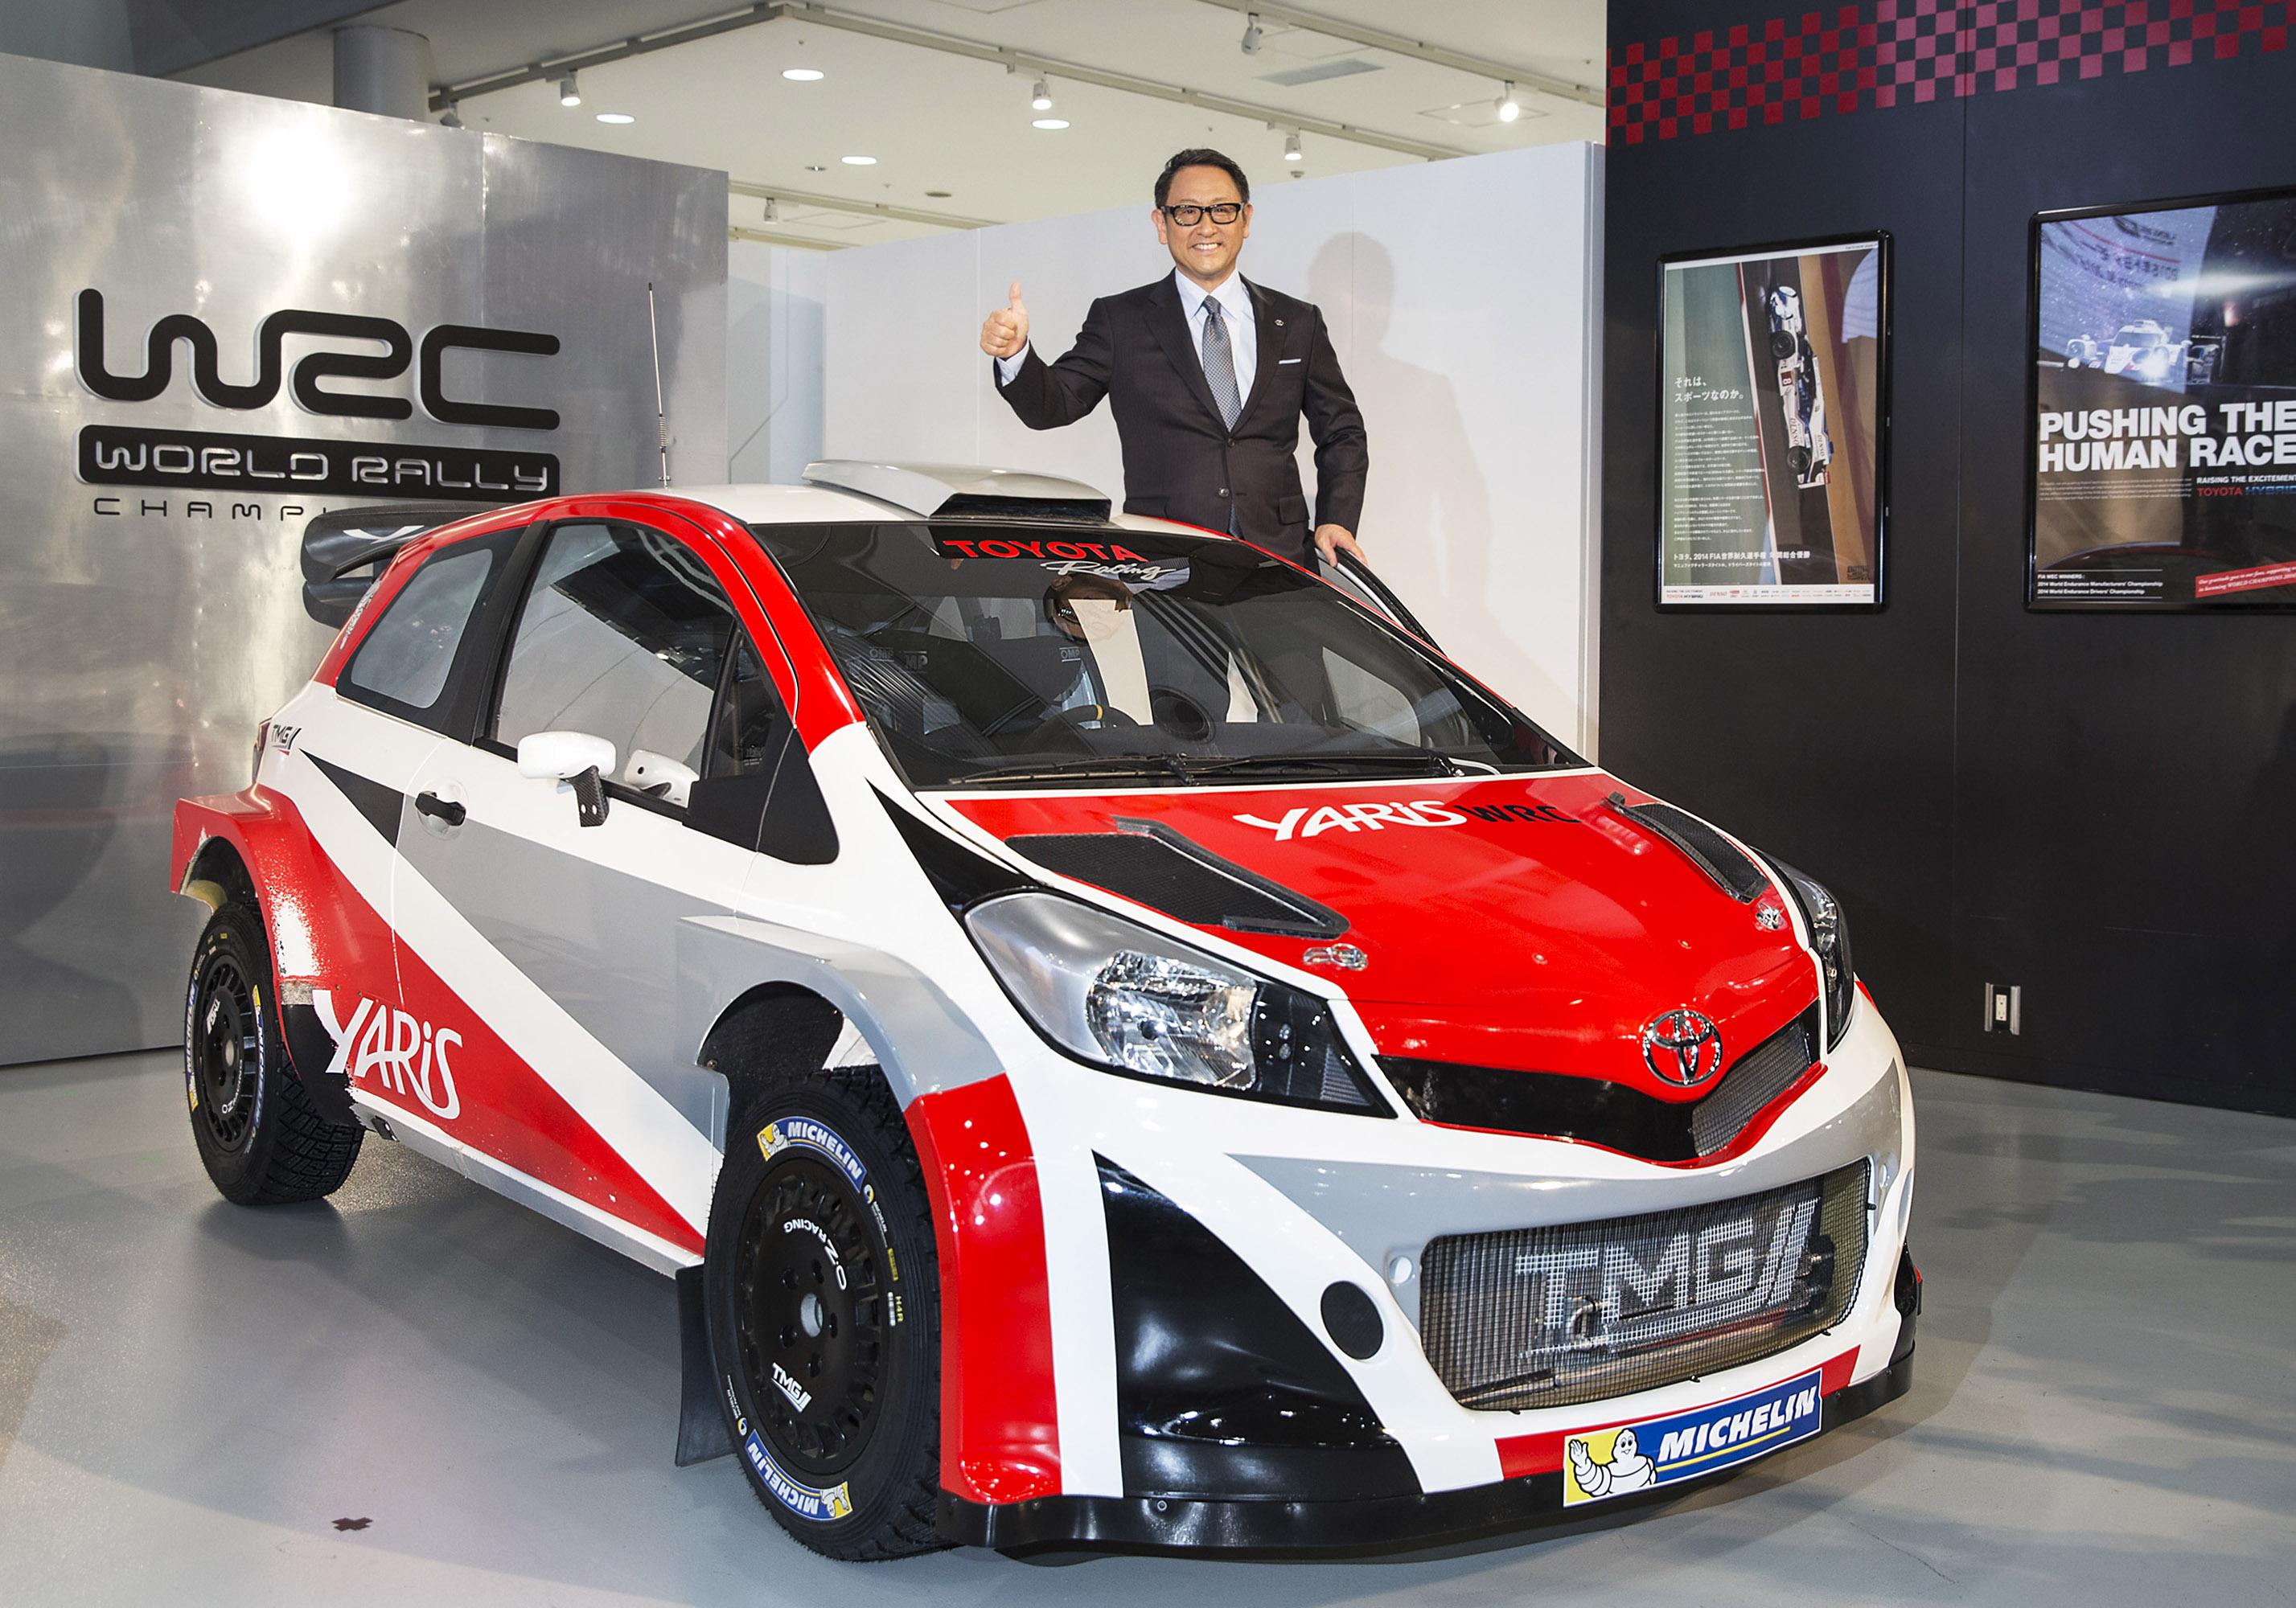 The New Yaris Wrc Car